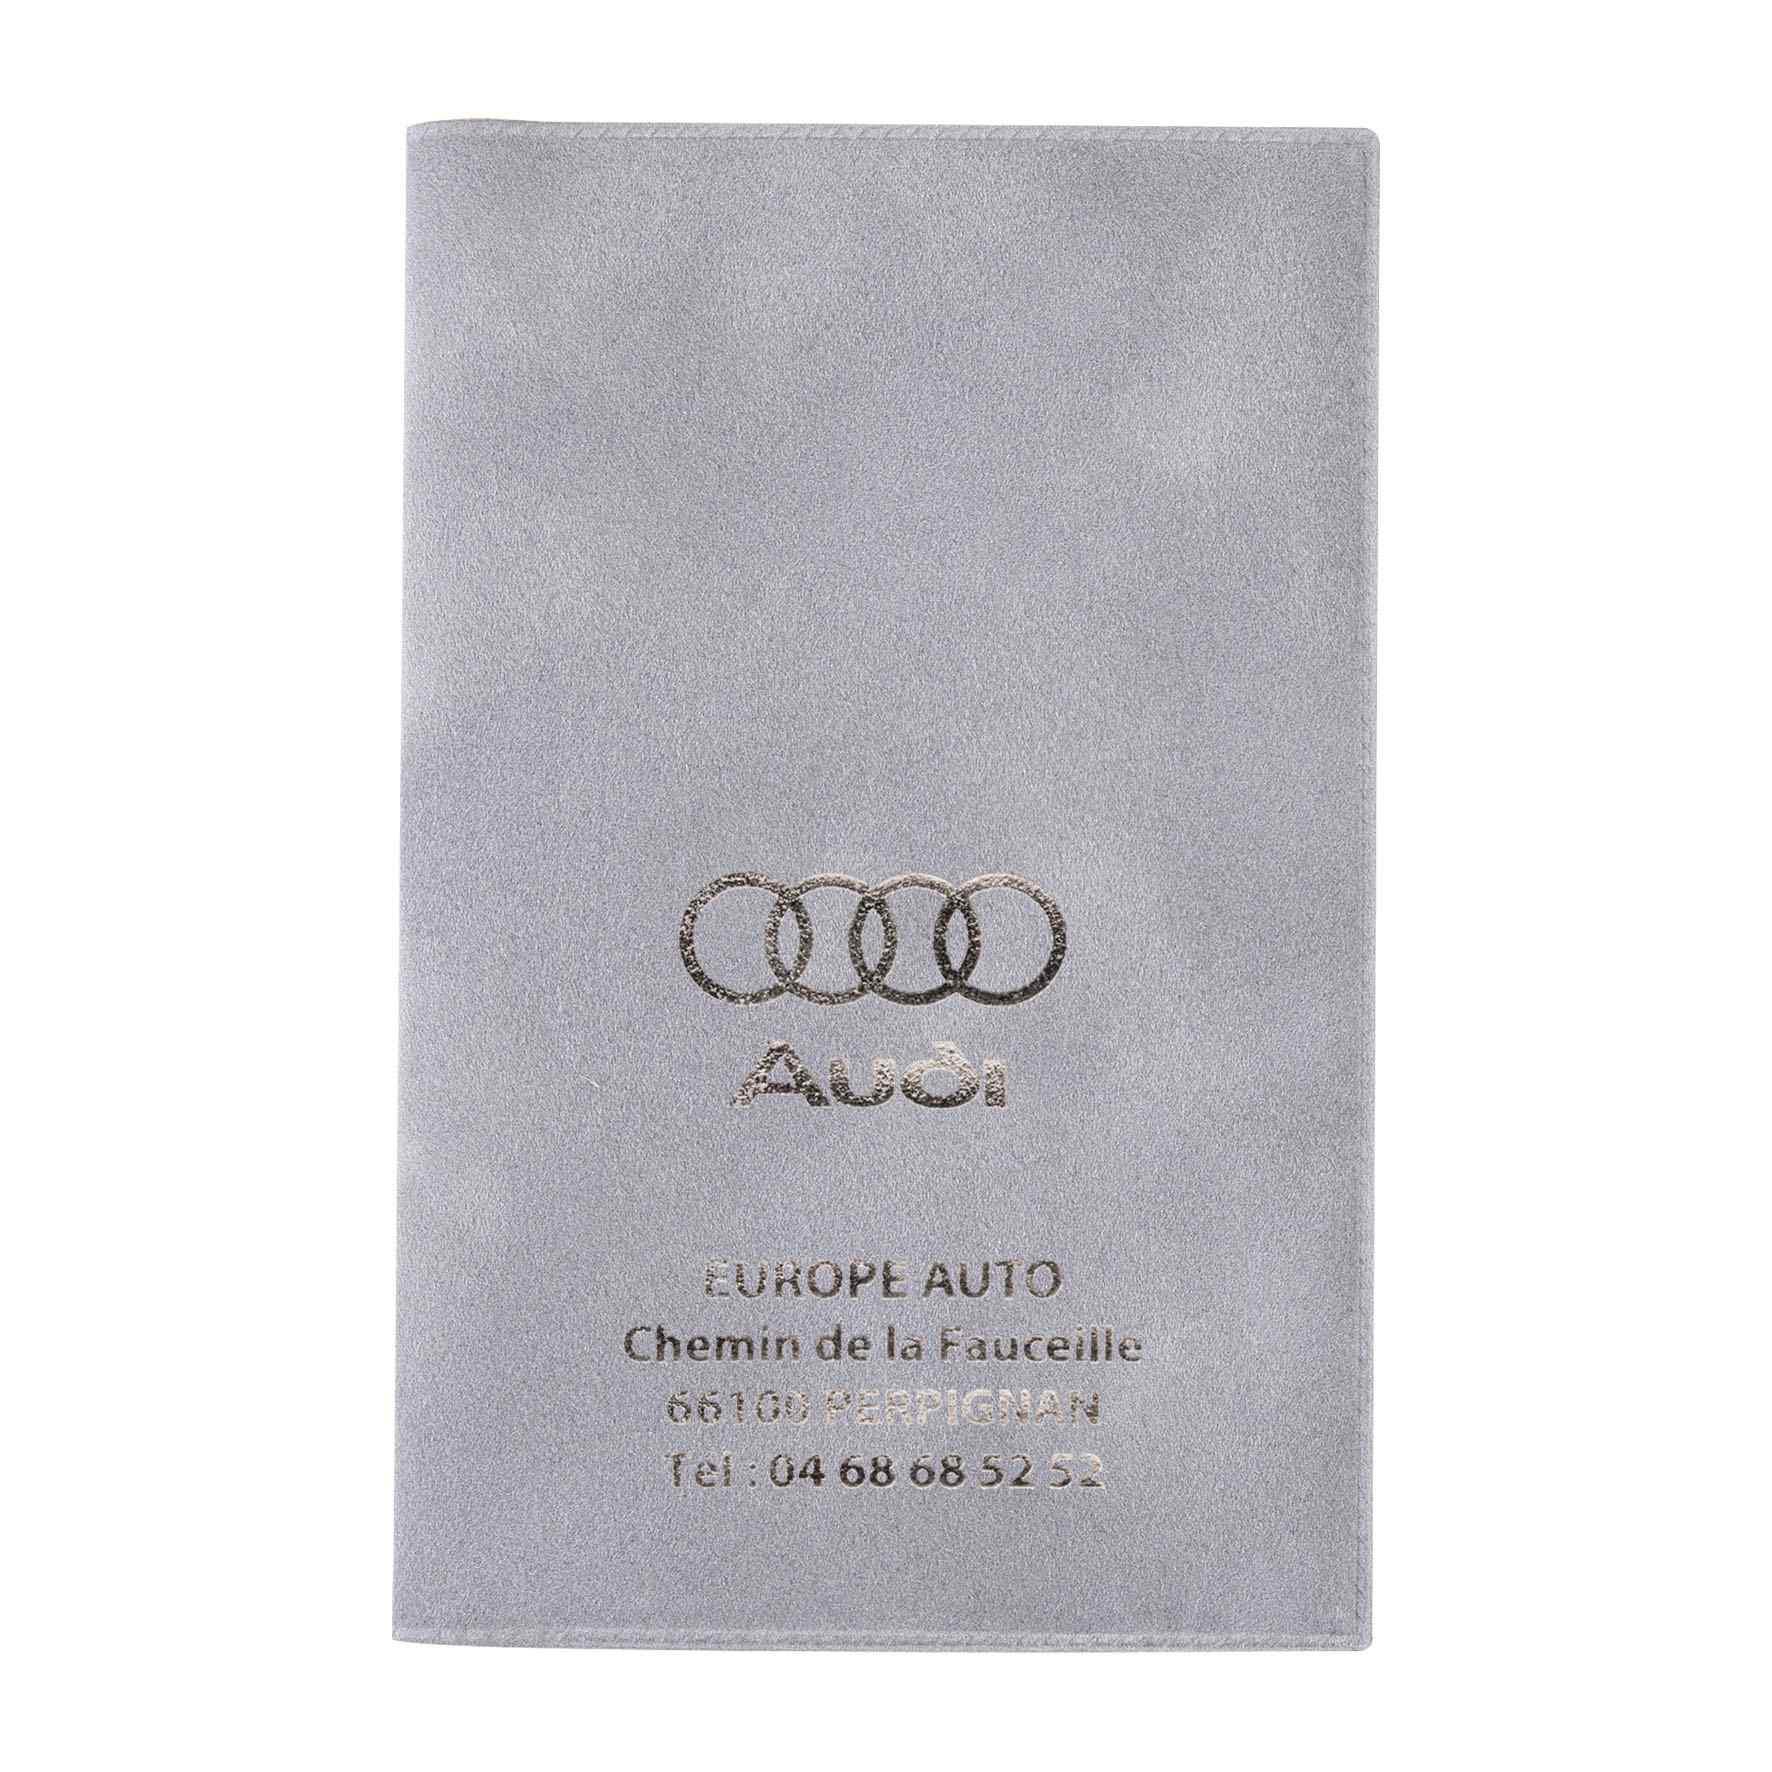 Objet promotionnel - Porte-carte grise publicitaire 3 volets Motor